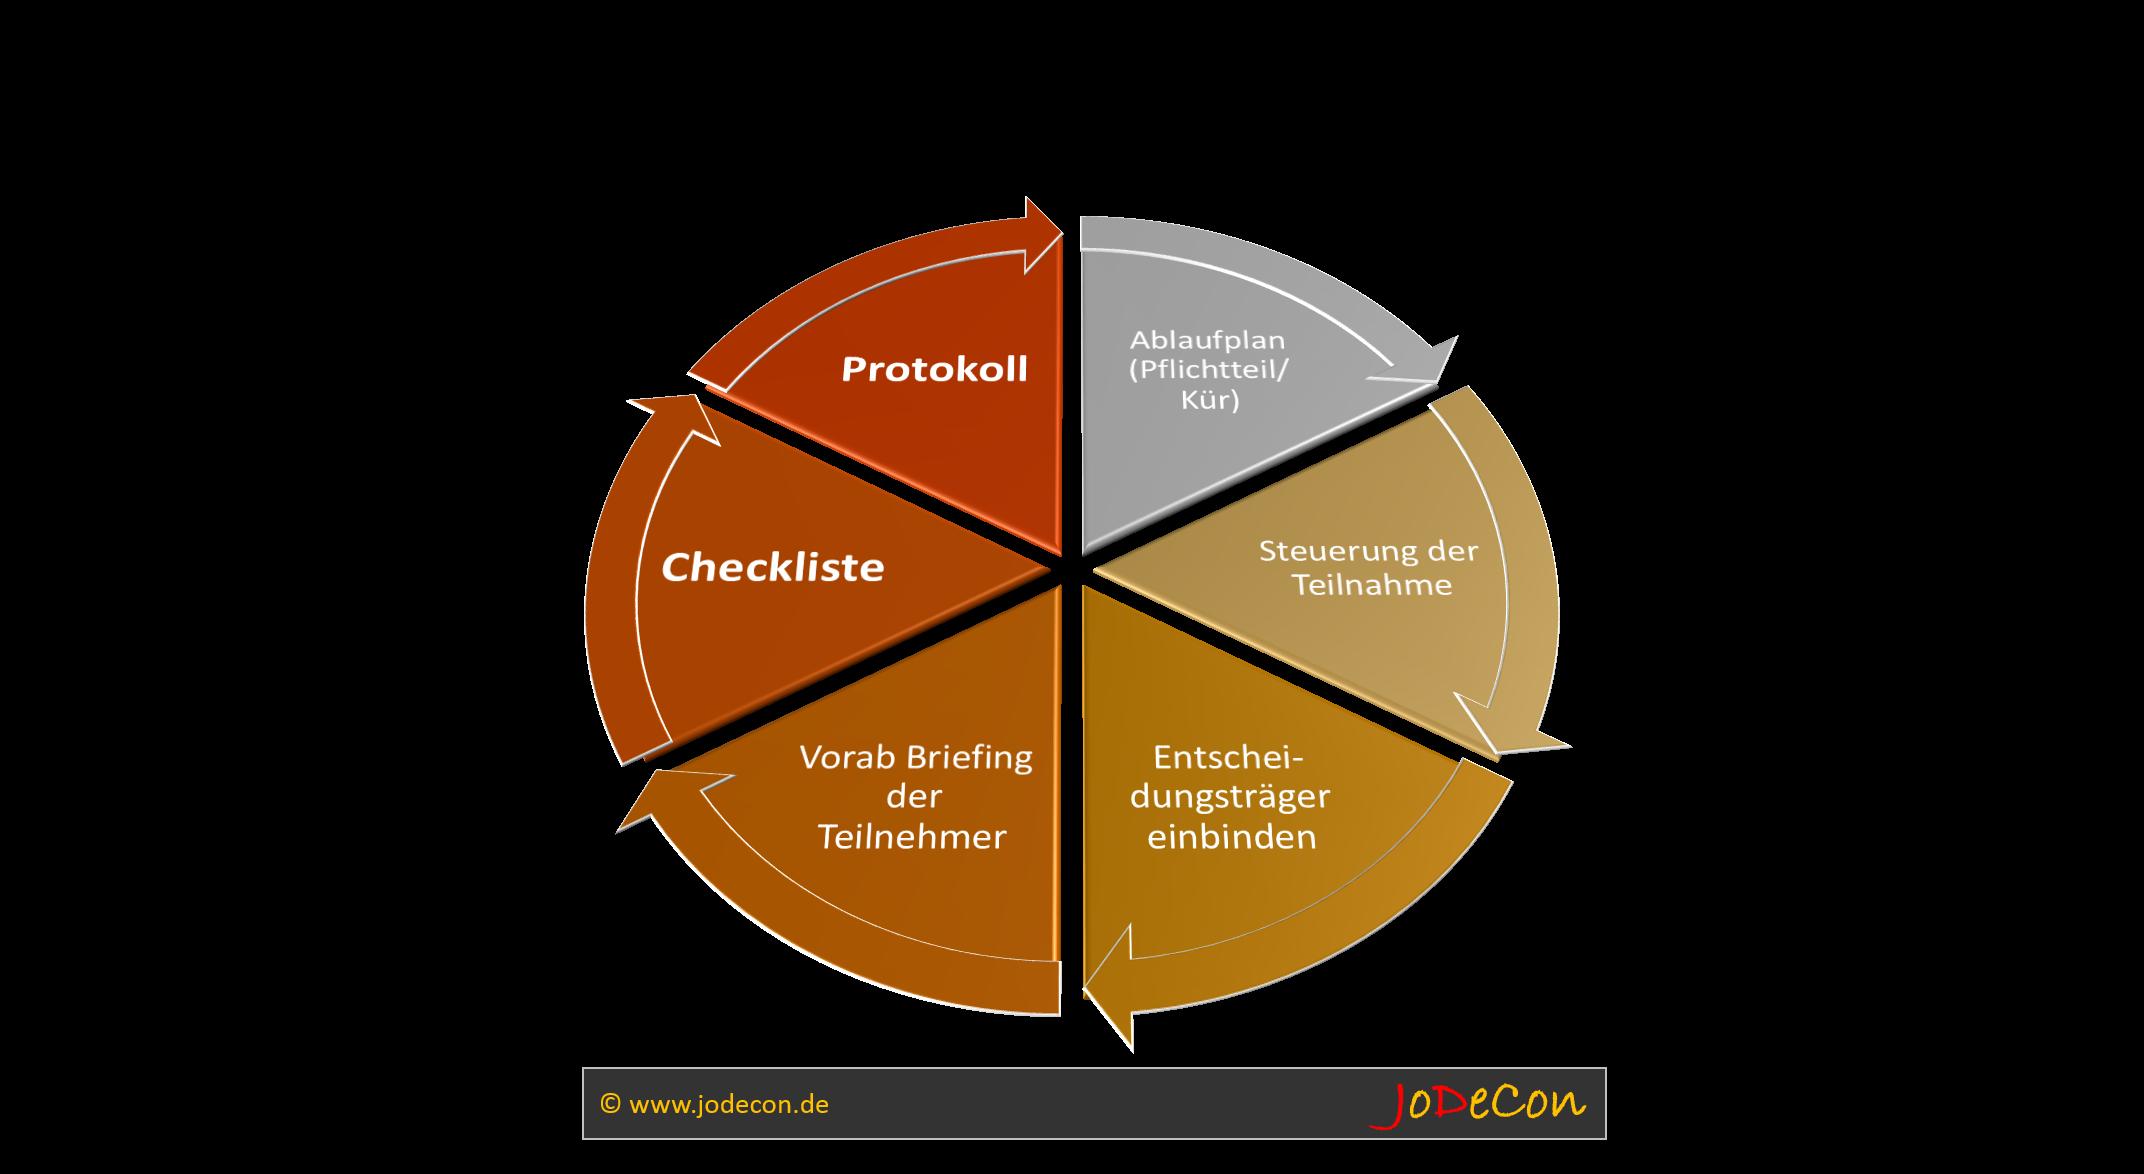 Wichtige Punkte für die Vor- und Nachbereitung von Präsentationen bei der Evaluierung von Software